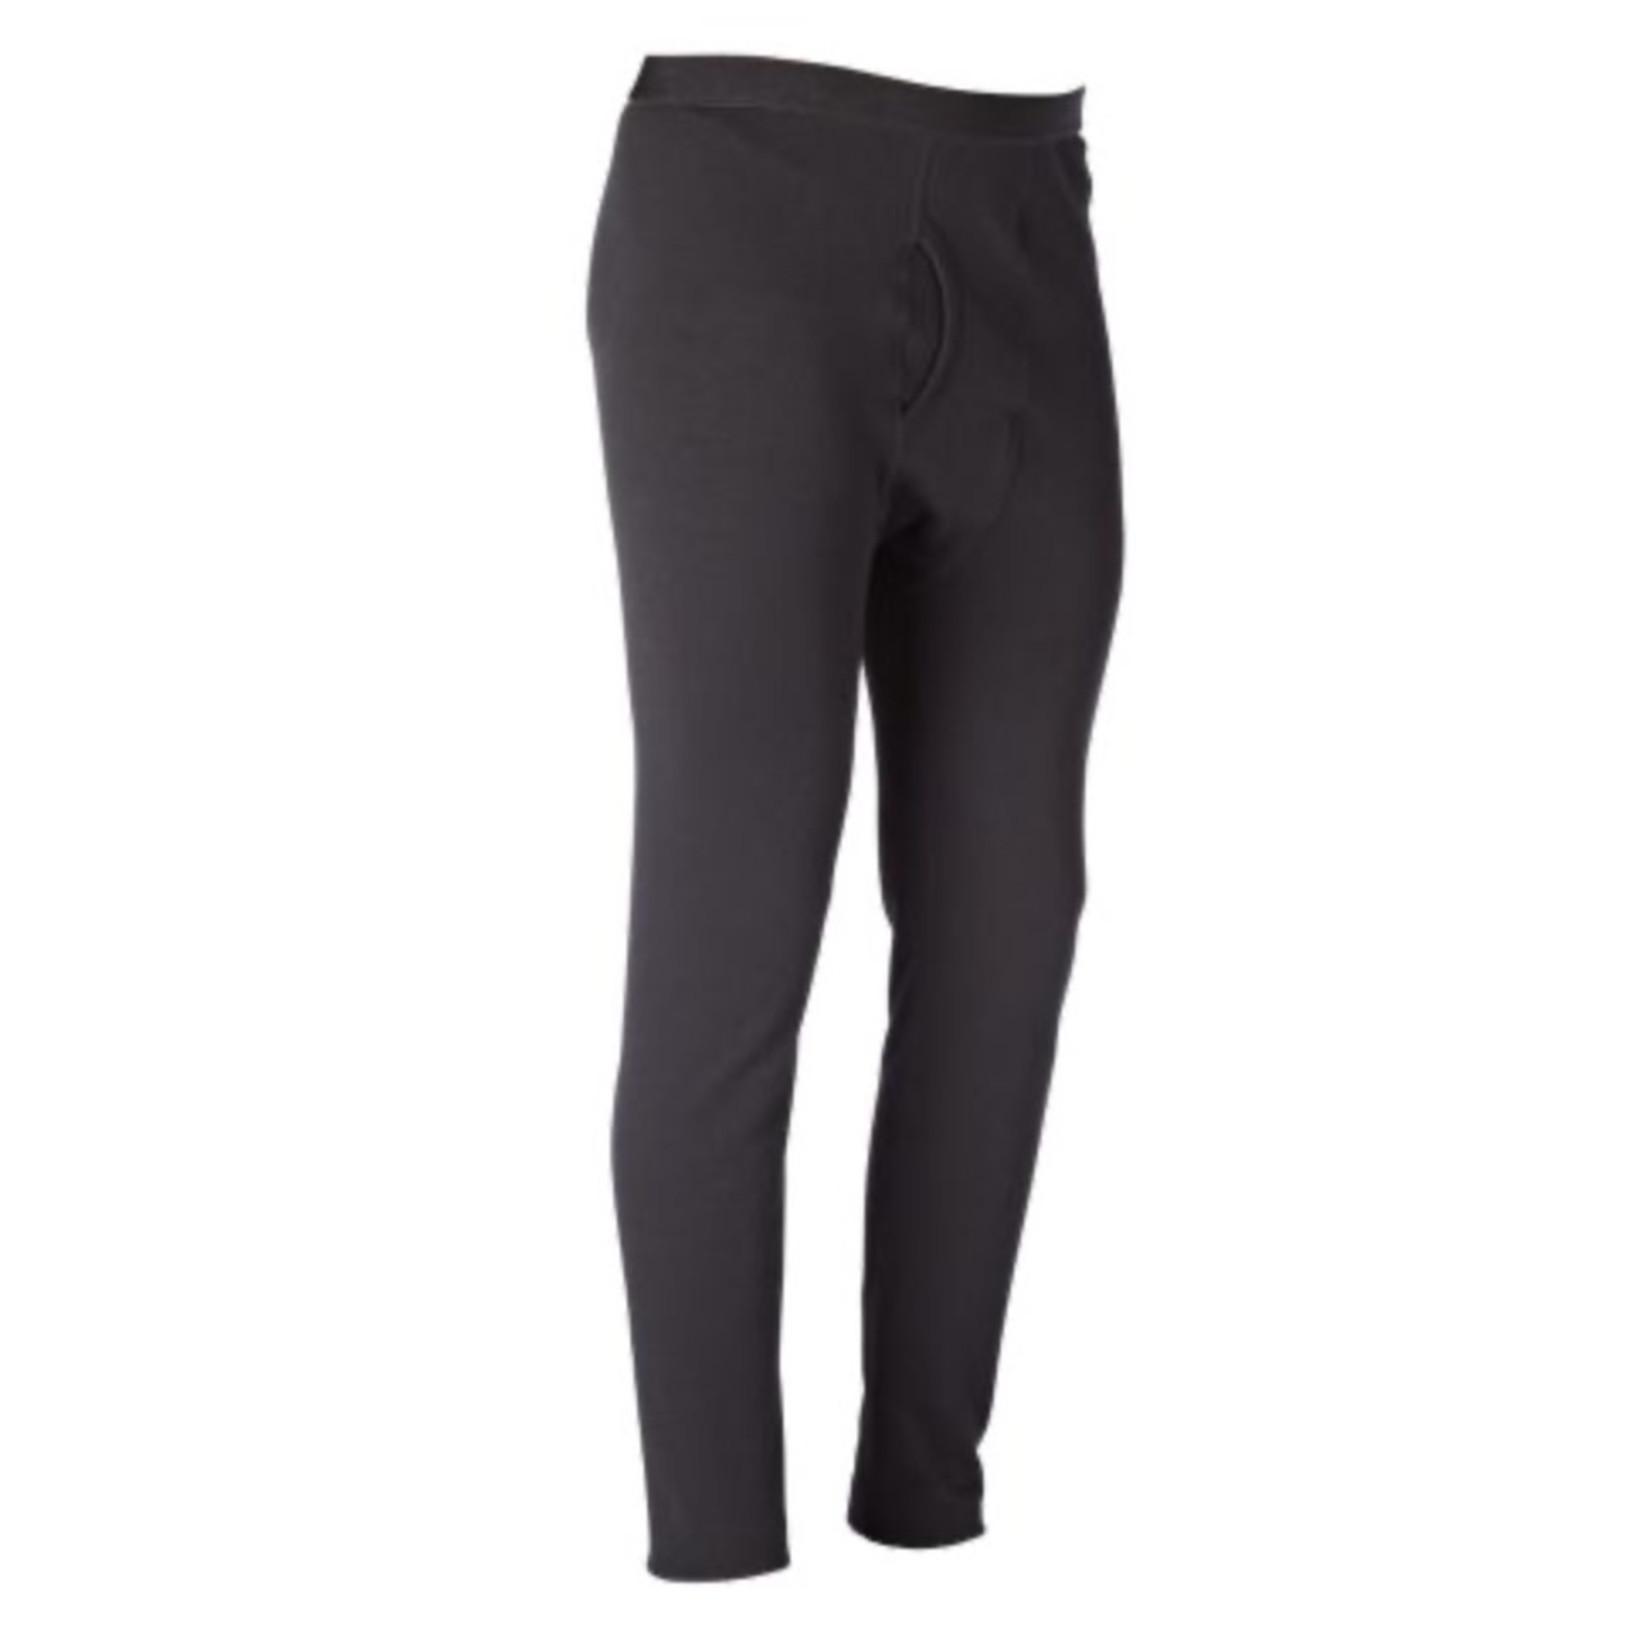 Kombi Pro-Line 2 Base Layer Pants